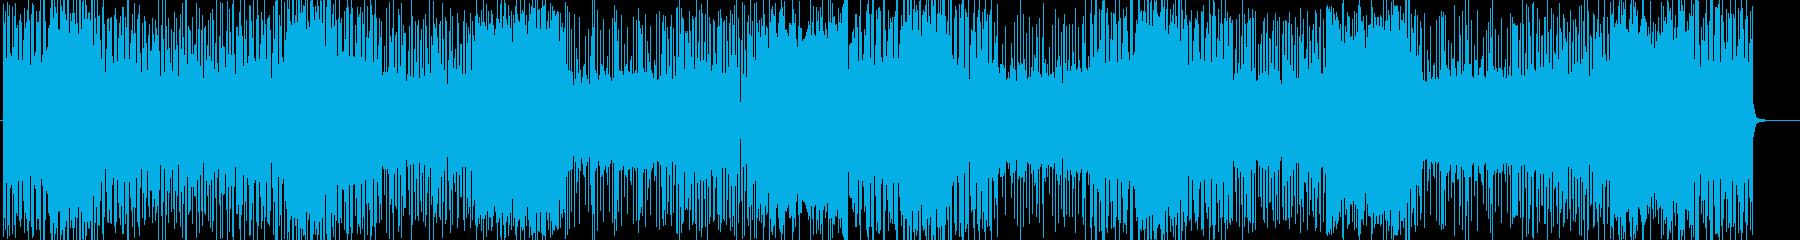 ダークロック、HARD、HEAVY183の再生済みの波形